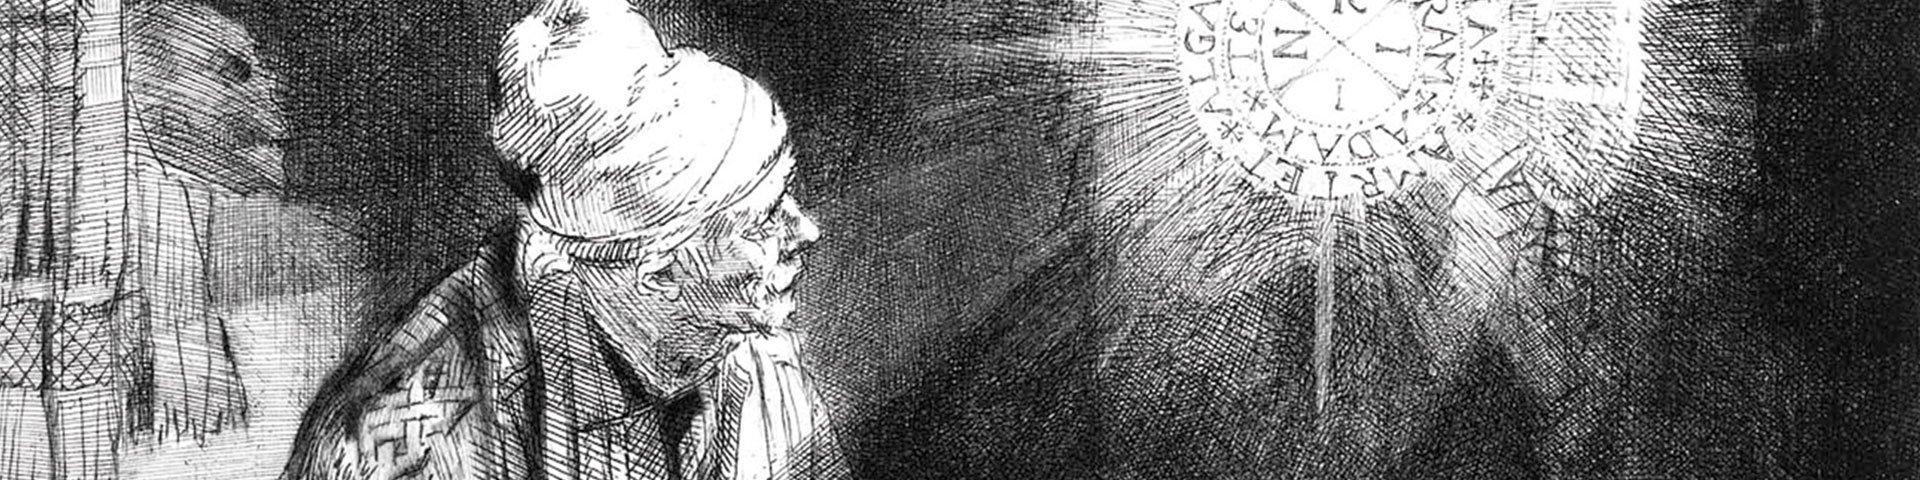 Fausto o la insatisfacción del hombre moderno